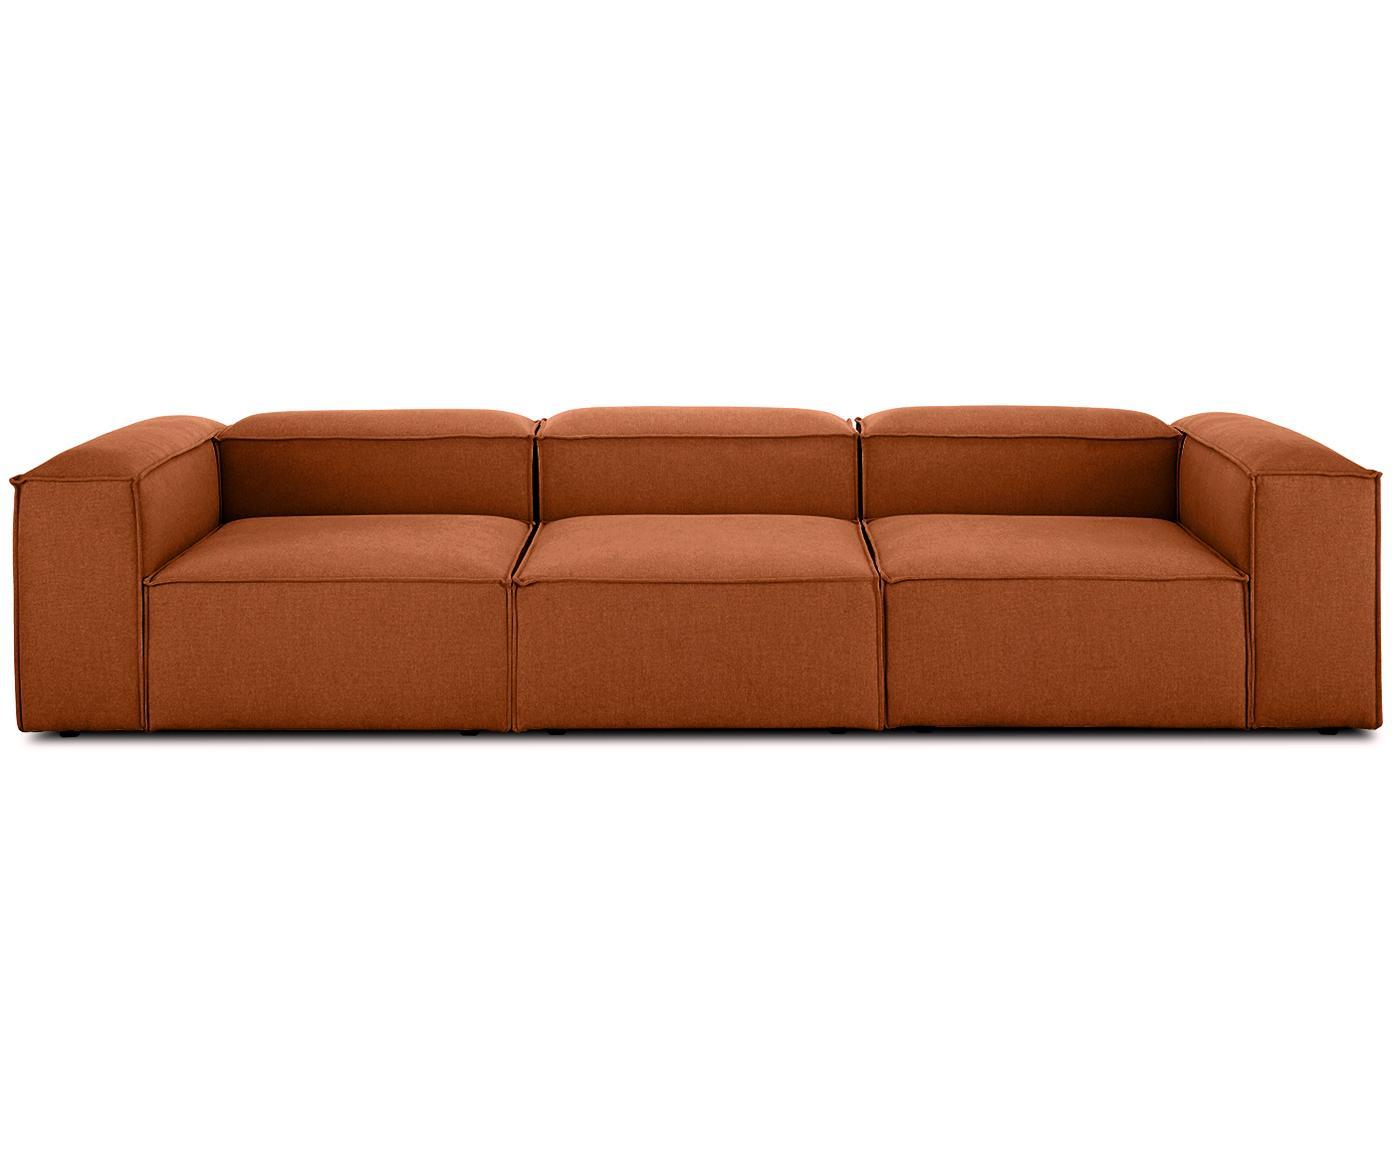 Modulaire bank Lennon (4-zits), Bekleding: polyester, Frame: massief grenenhout, multi, Poten: kunststof, Terracottarood, B 326 x D 119 cm